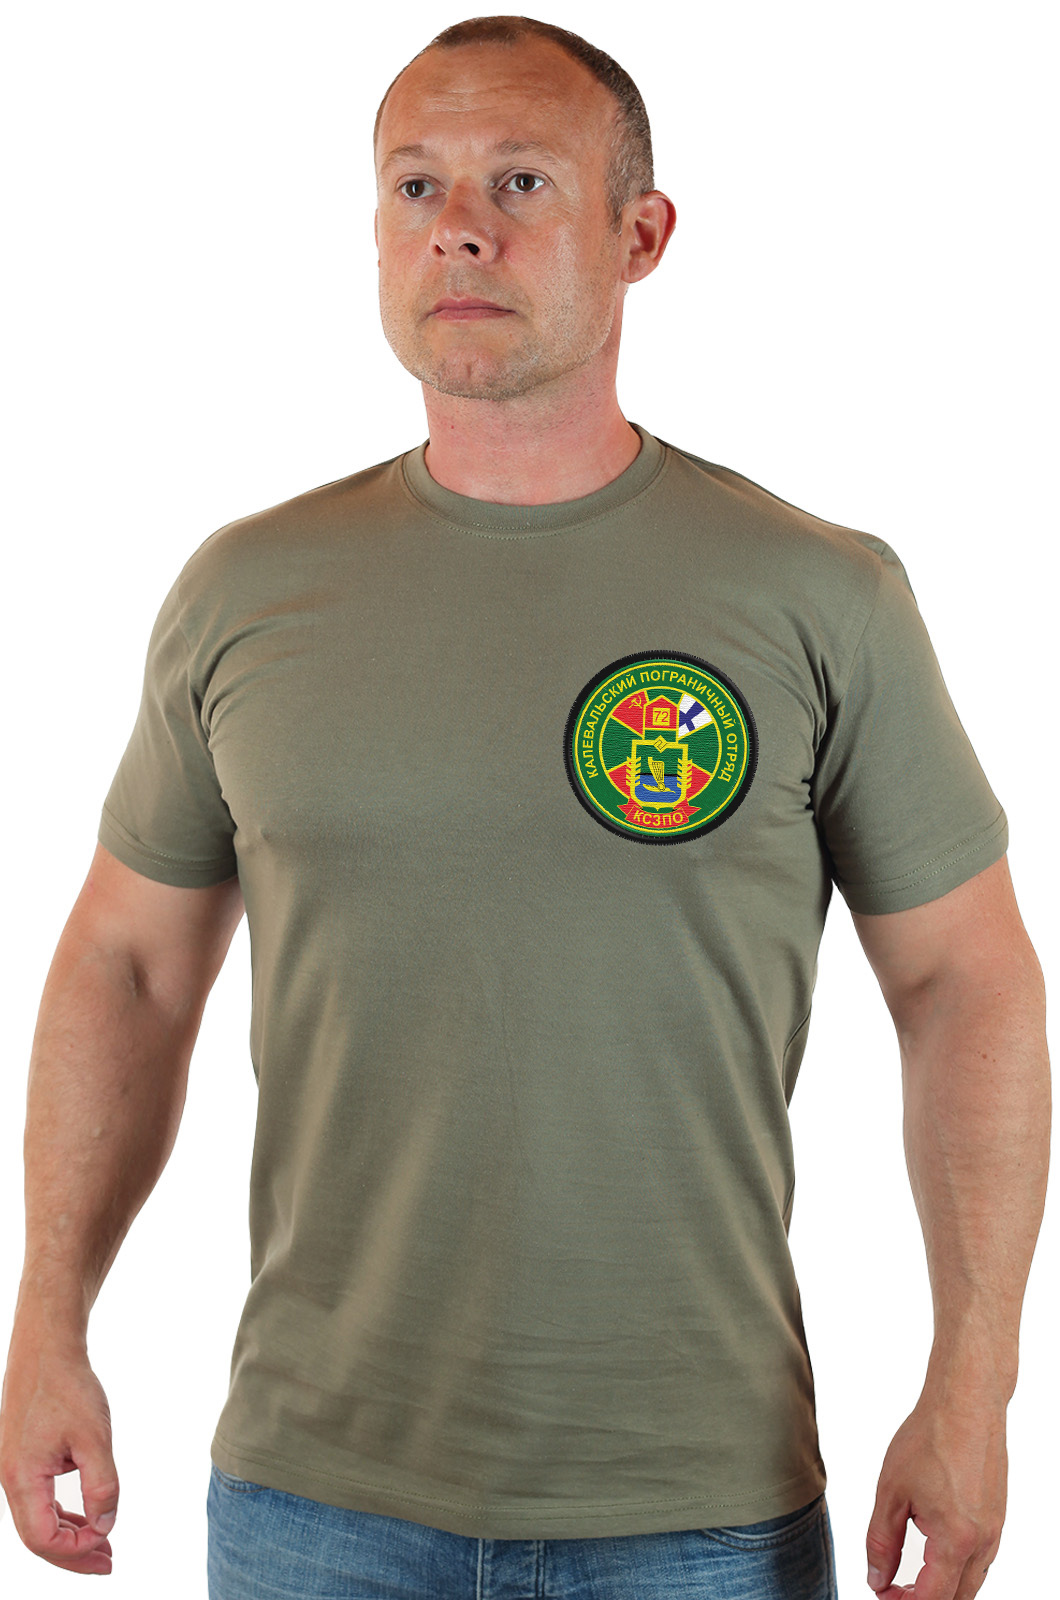 Мужская футболка с символикой «72-й Калевальский пограничный отряд»